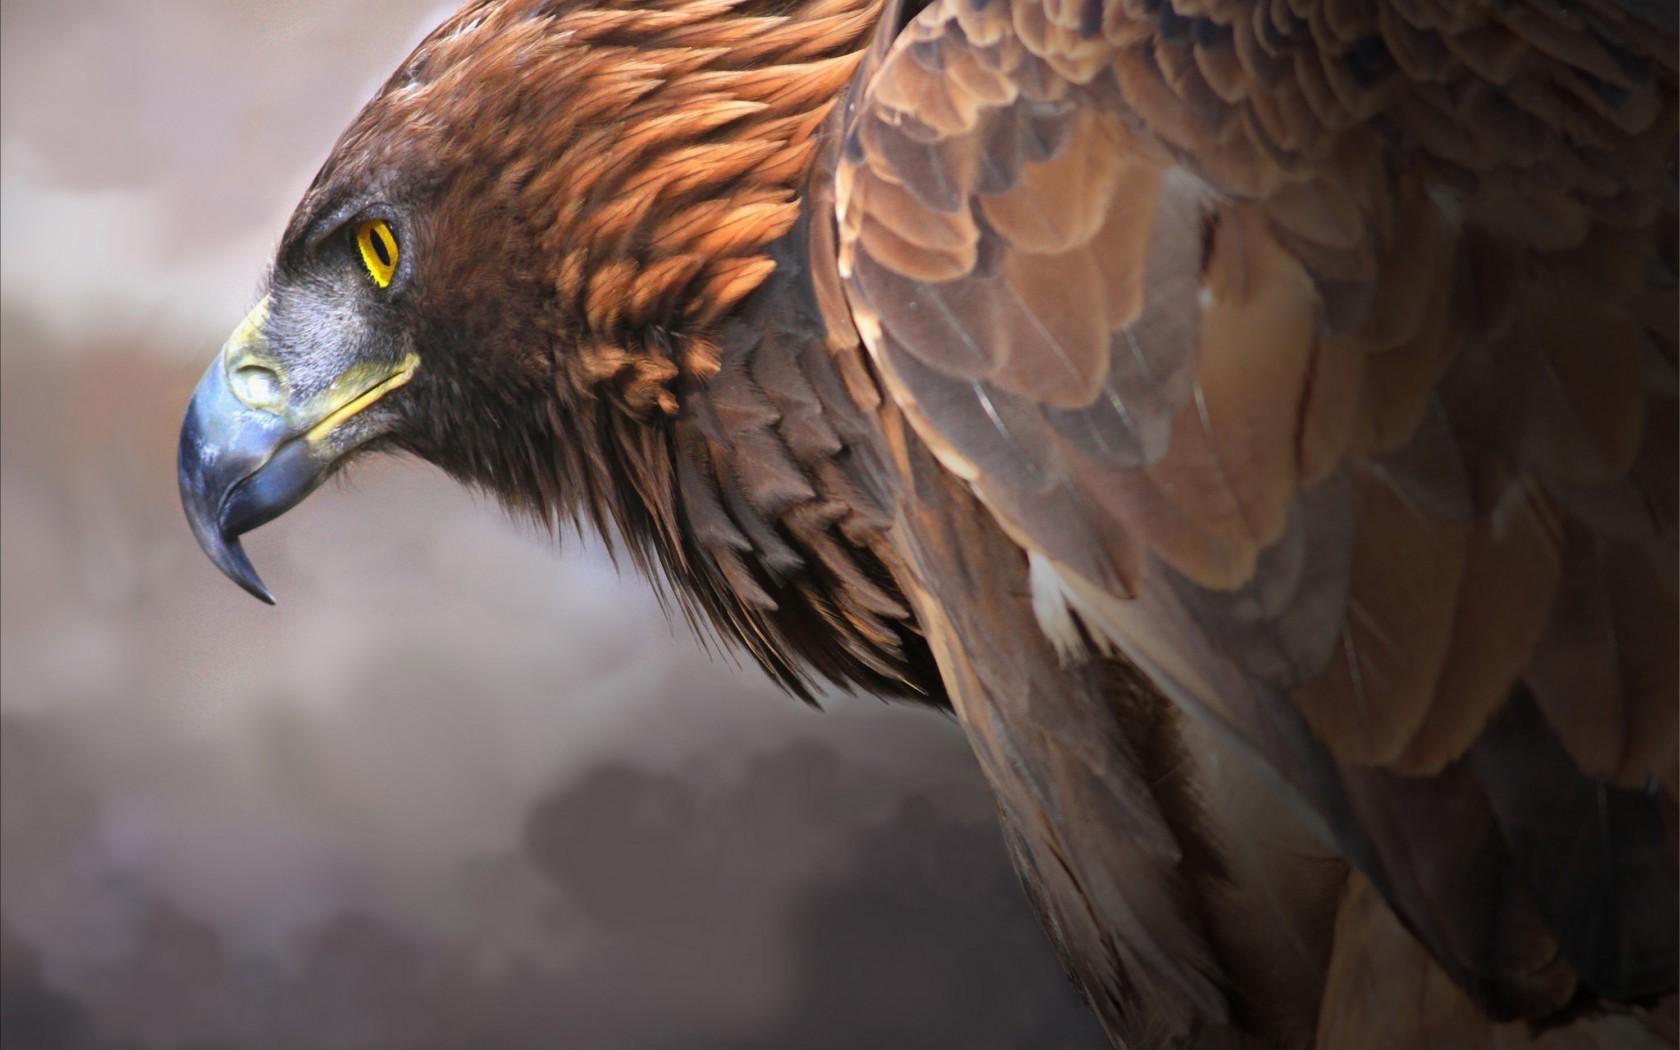 download eagle digital art 2 hd 4k wallpapers in 480x800